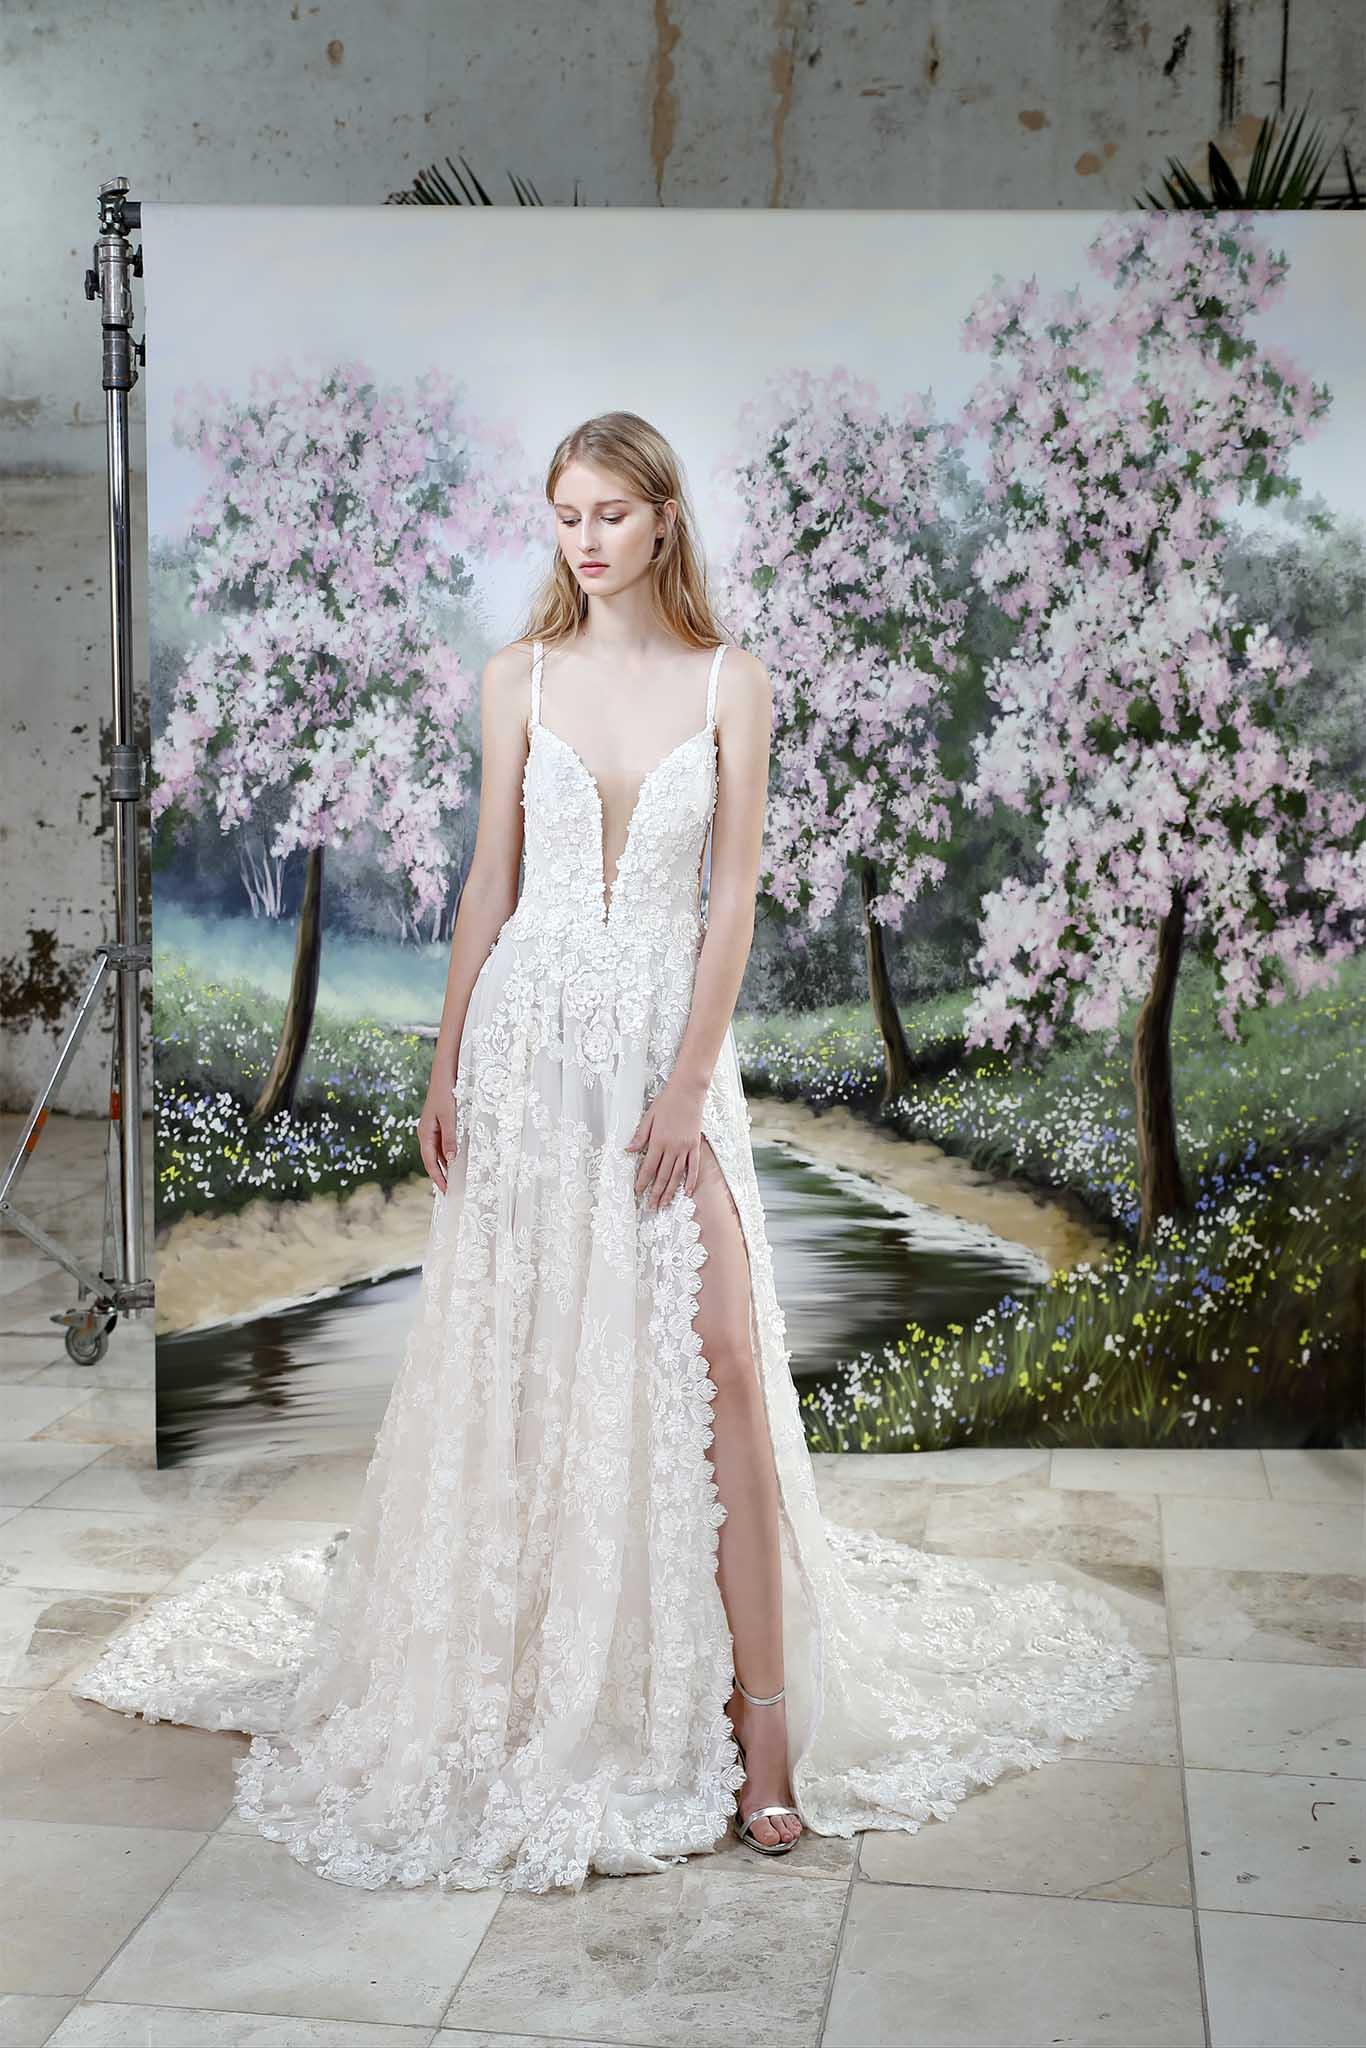 Gala 205 Wedding Dress By Galia Lahav Browns Bride